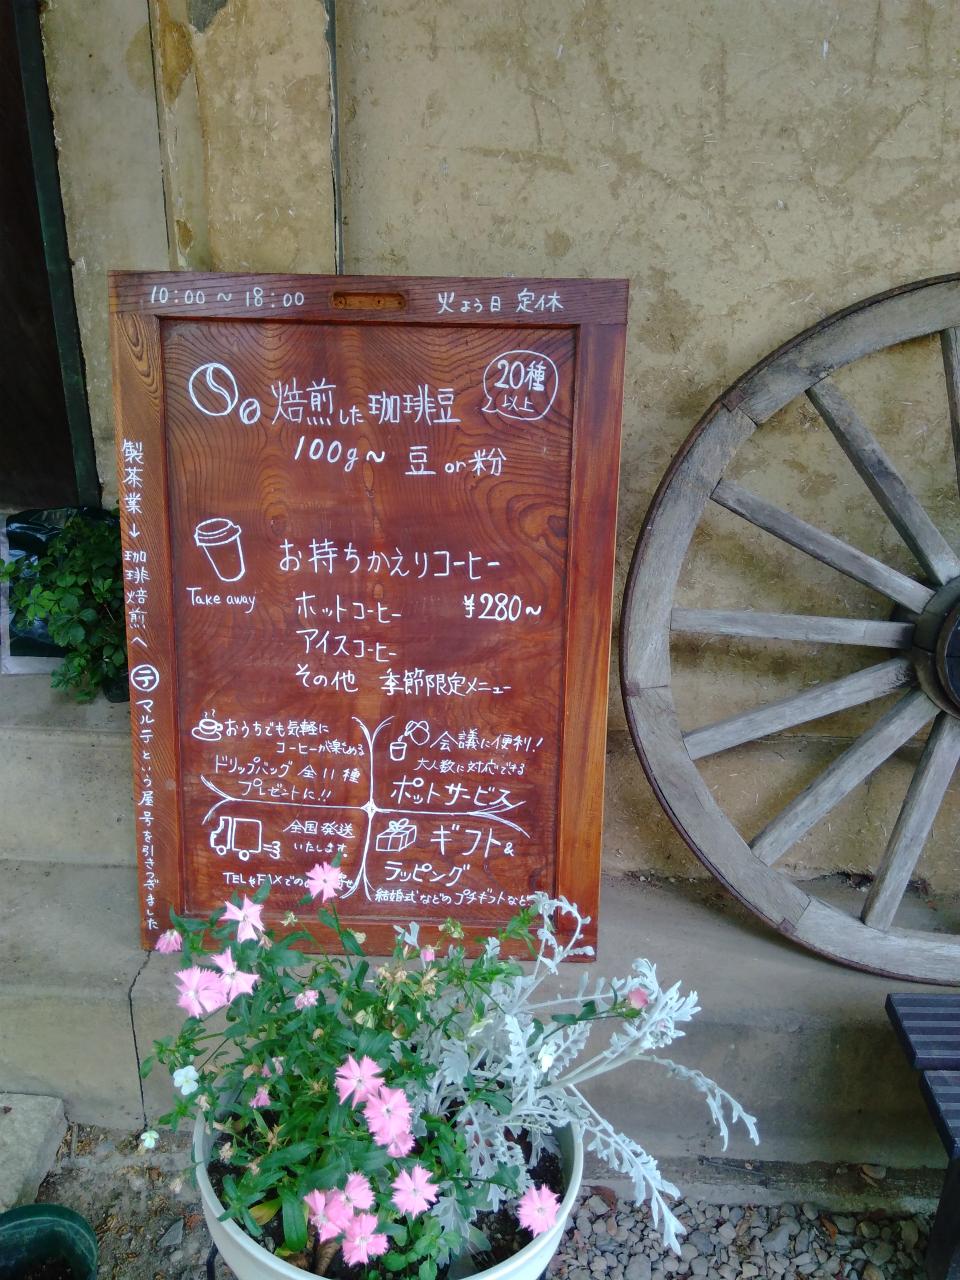 マルテ珈琲焙煎所